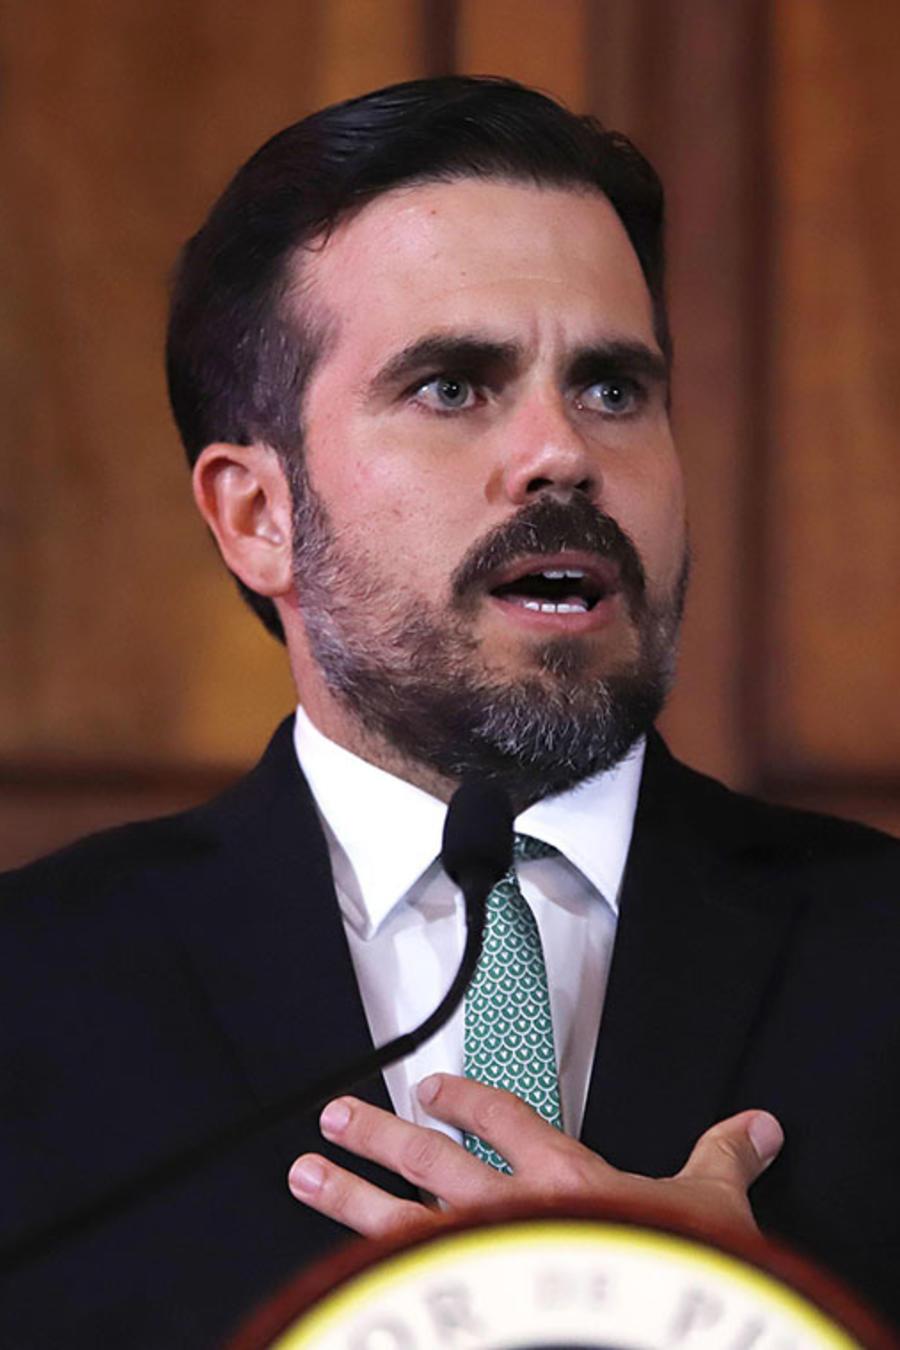 El gobernador de Puerto Rico, Ricardo Rosselló, durante una conferencia de prensa en la Fortaleza, sede del ejecutivo, en San Juan.